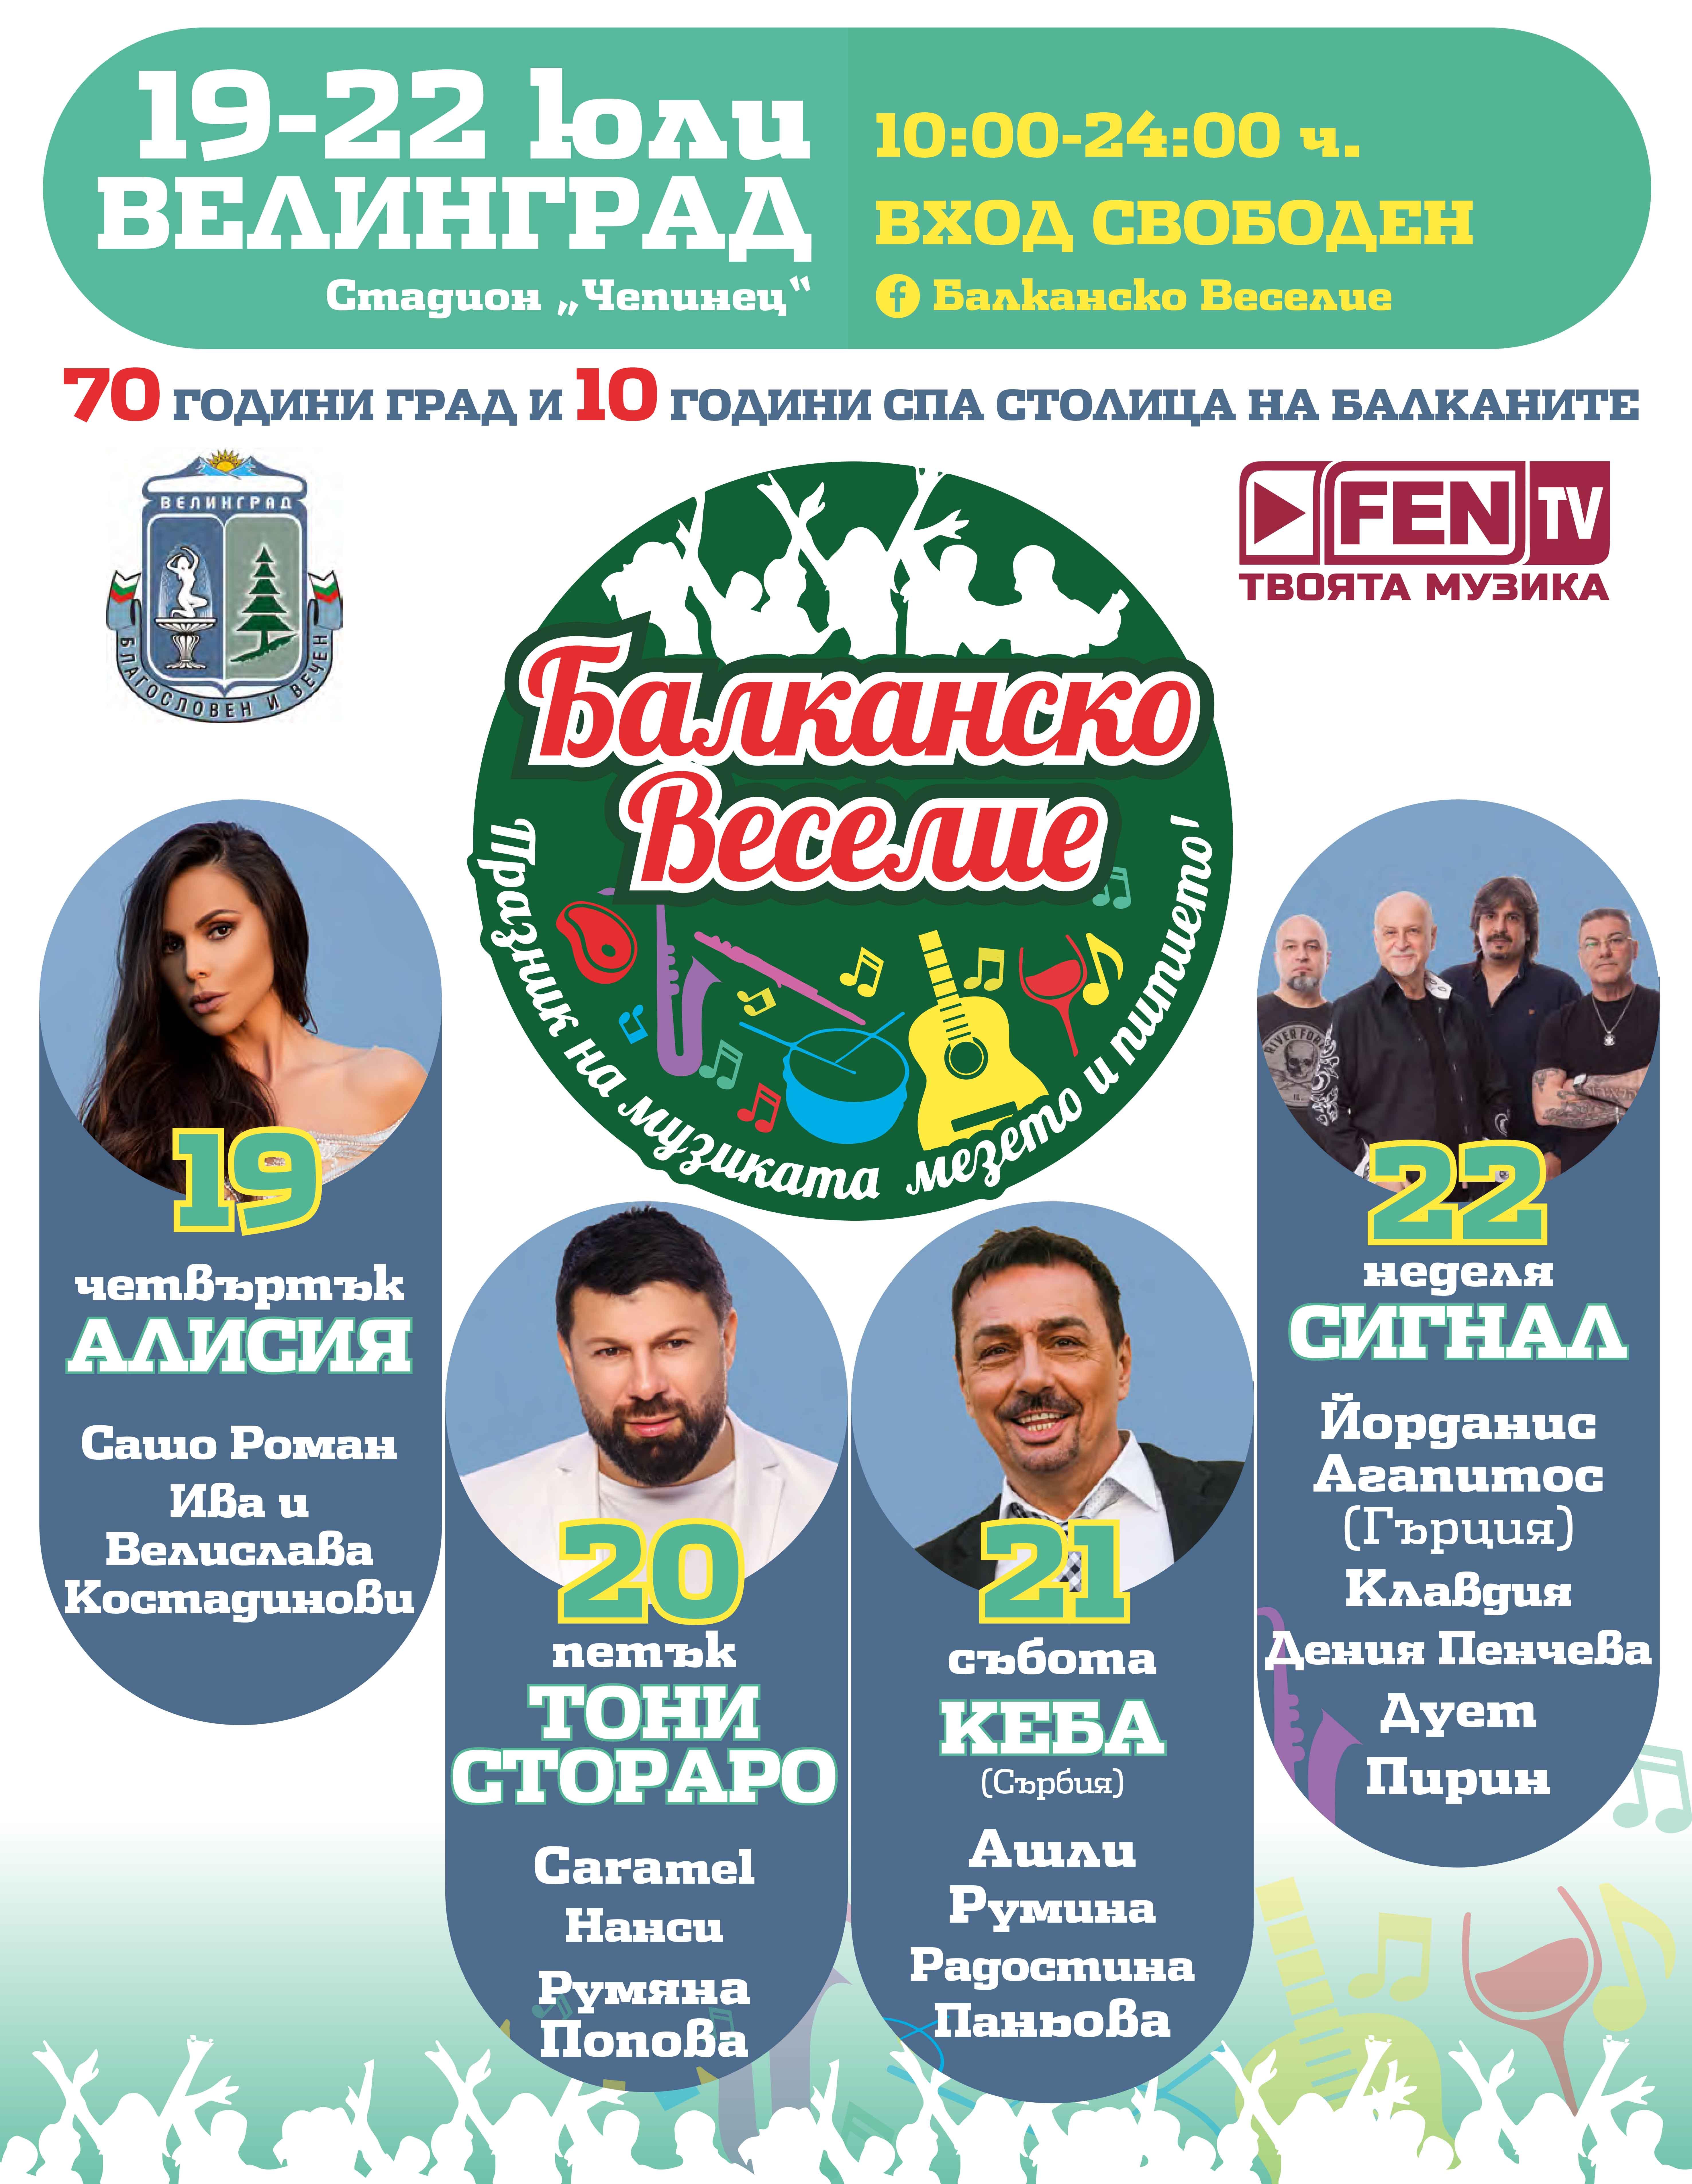 Balkansko_veselie_2018_Velingrad